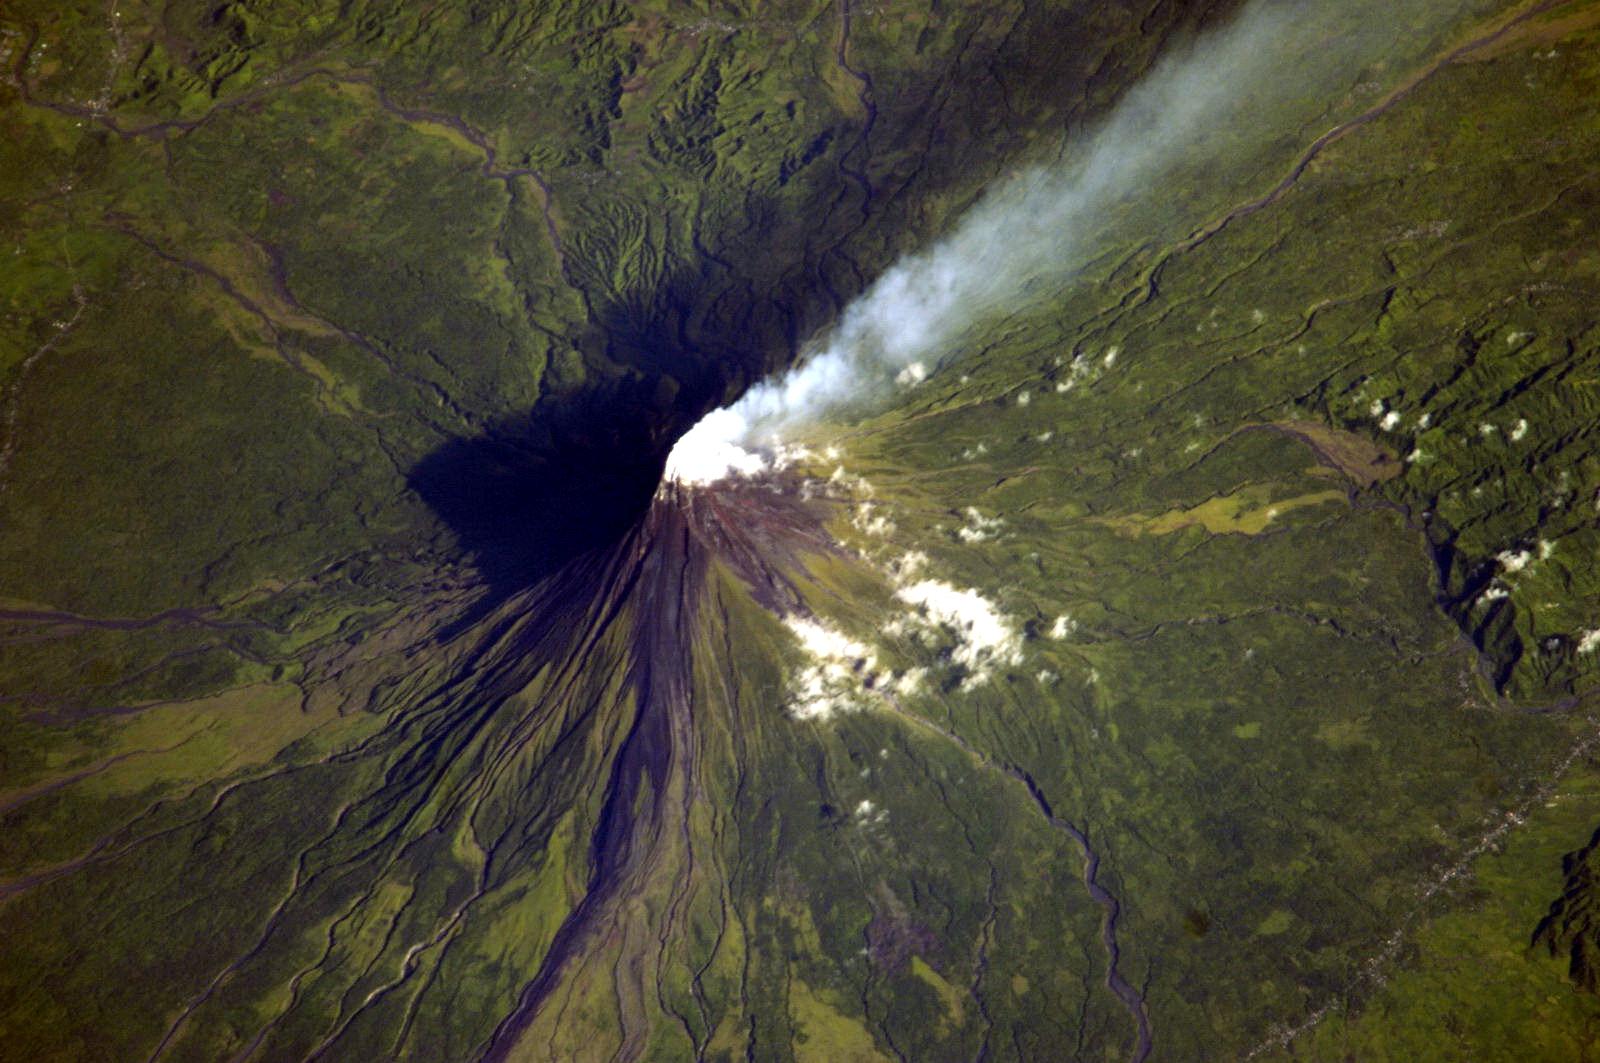 http://3.bp.blogspot.com/-CFX2PNUYv5g/TgUBpJ4v_QI/AAAAAAAAAlQ/97XA8onIc0U/s1600/vulkan_b_02.JPG